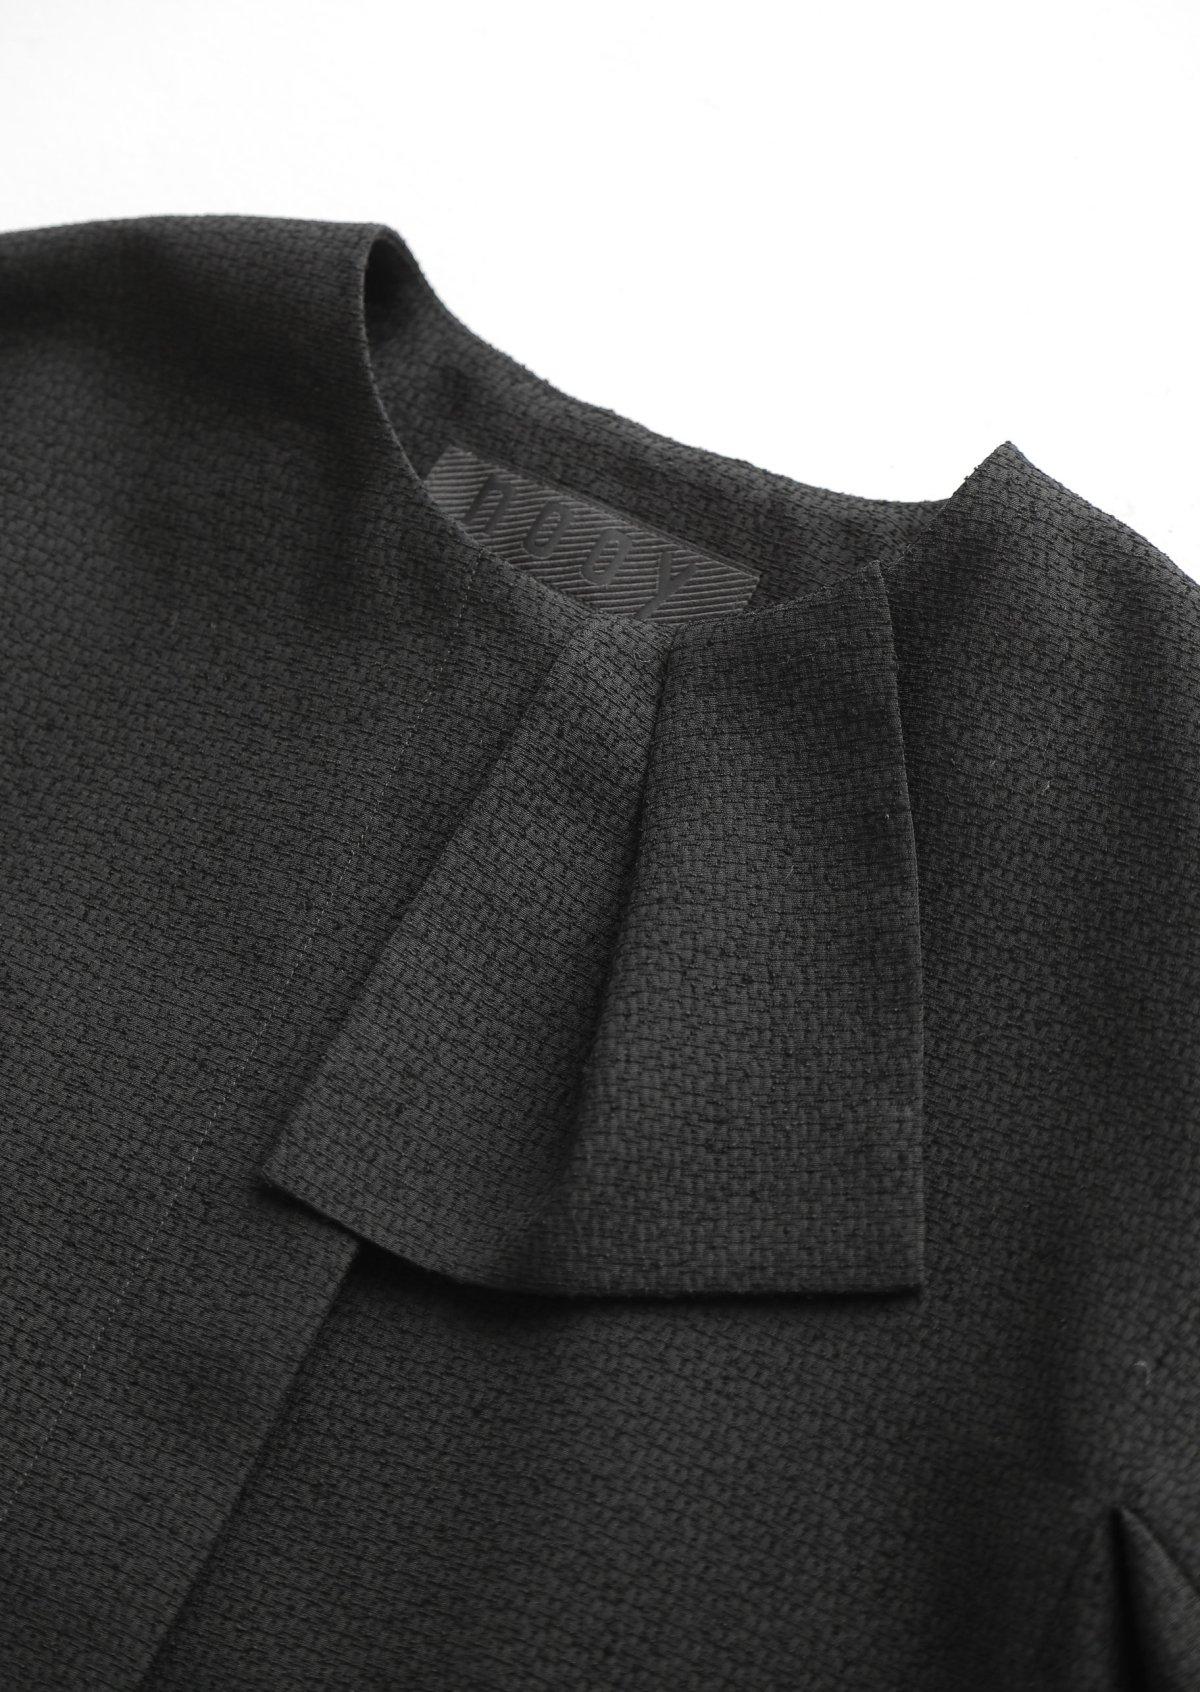 ブラックハンカチーフジャケット